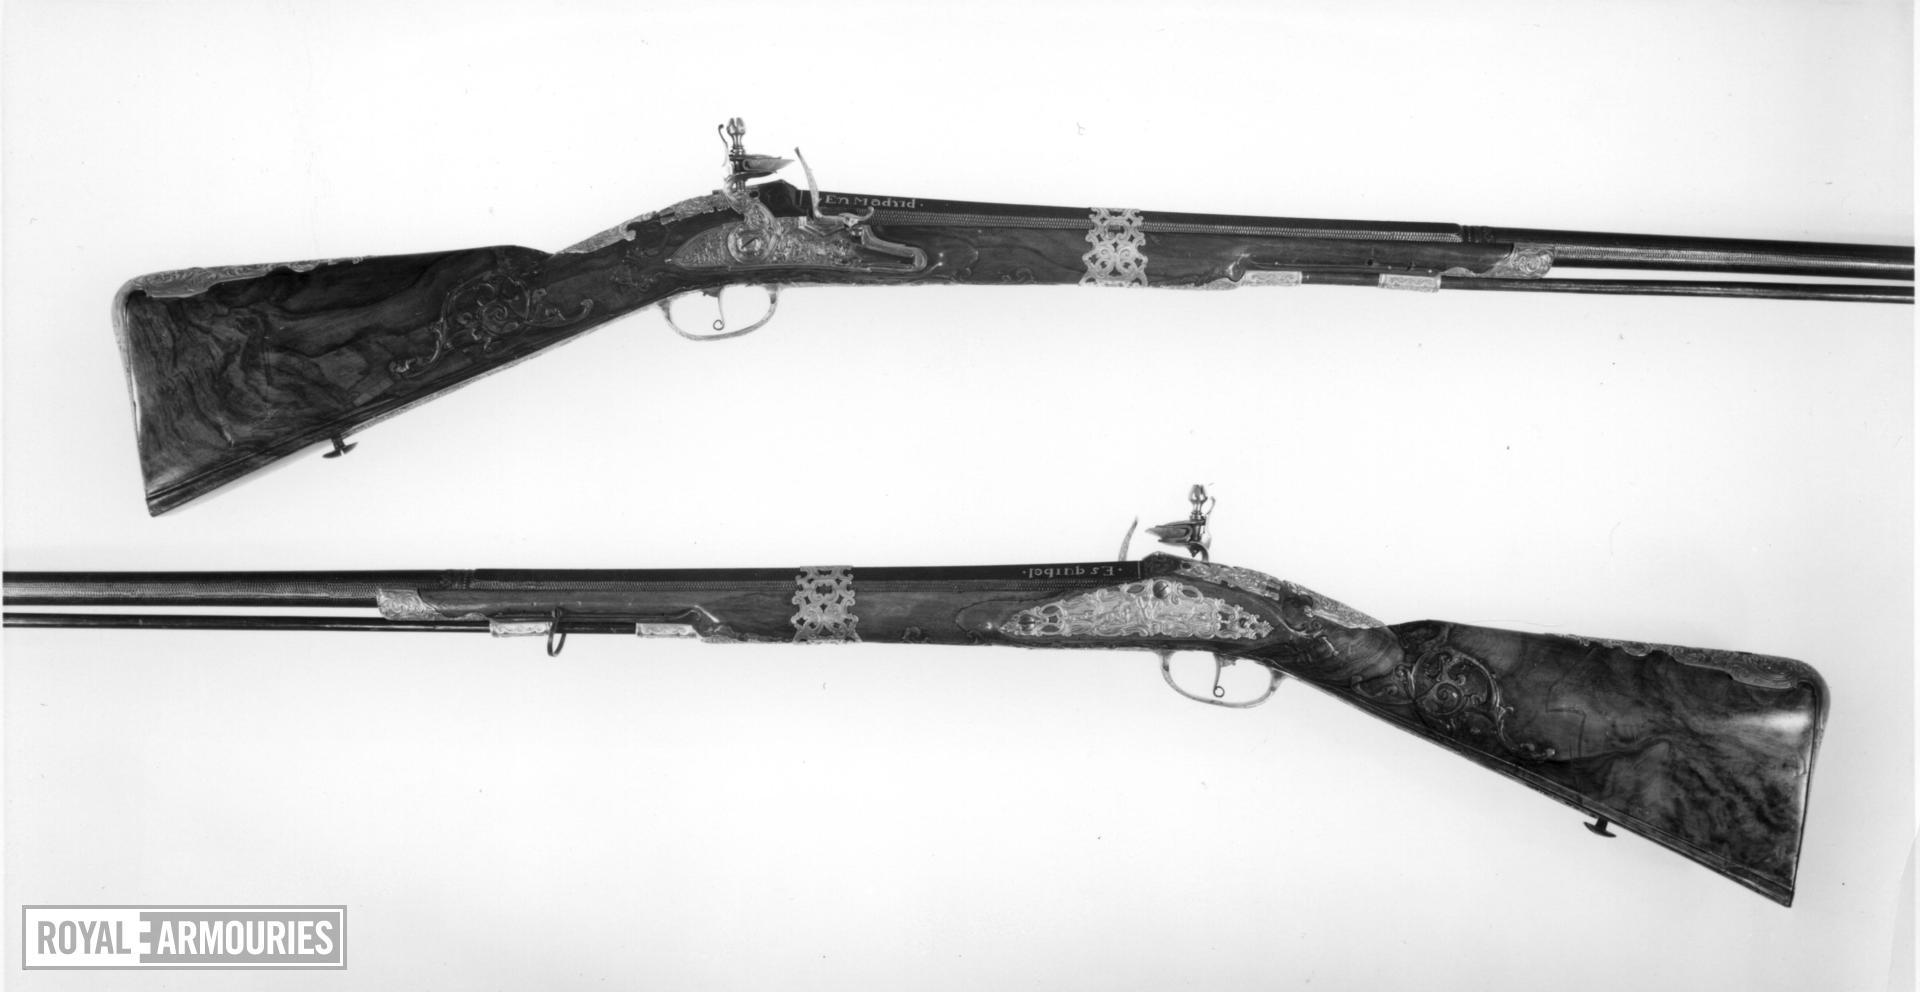 Flintlock sporting gun - By Marcus Zelner